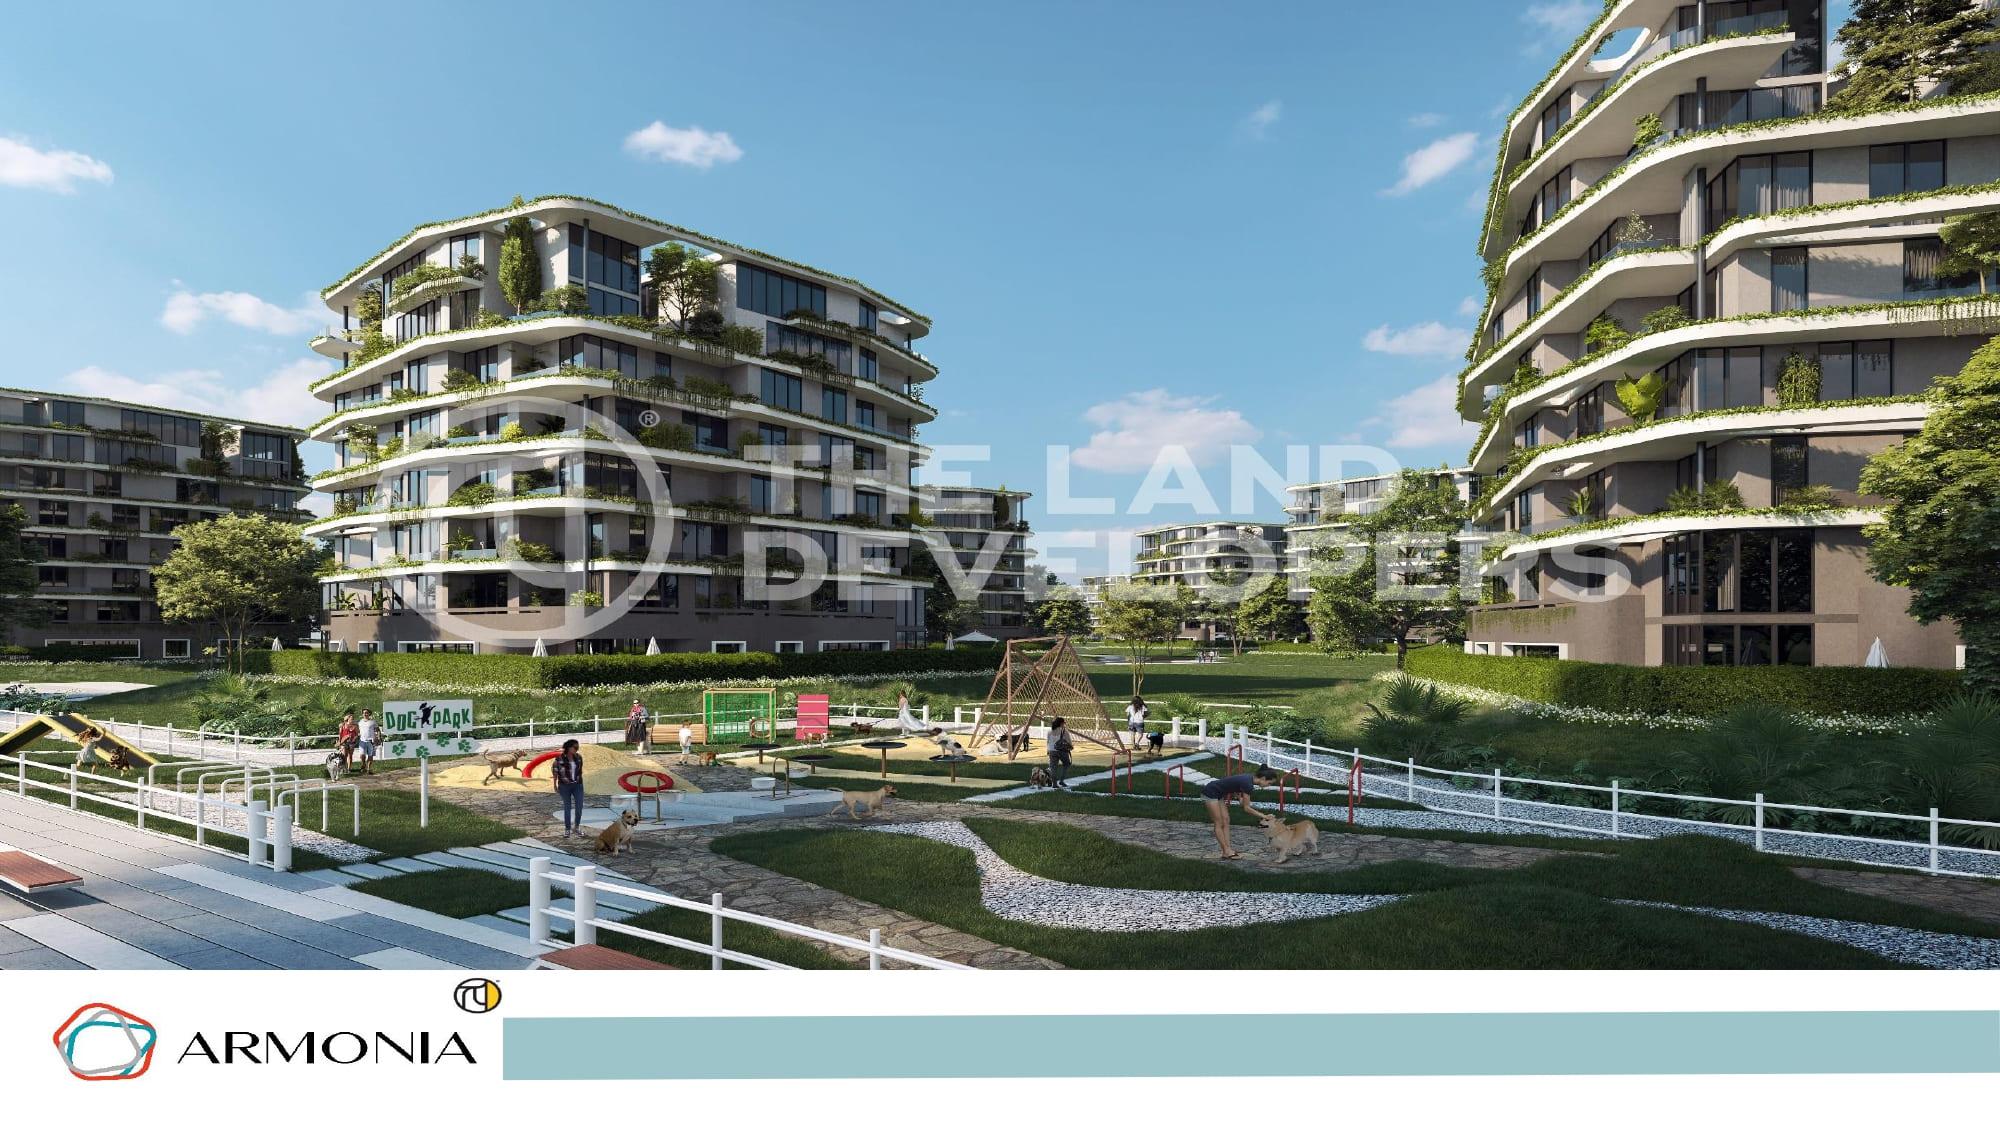 ارمونيا العاصمة الإدارية الجديدة Armonia New Capital